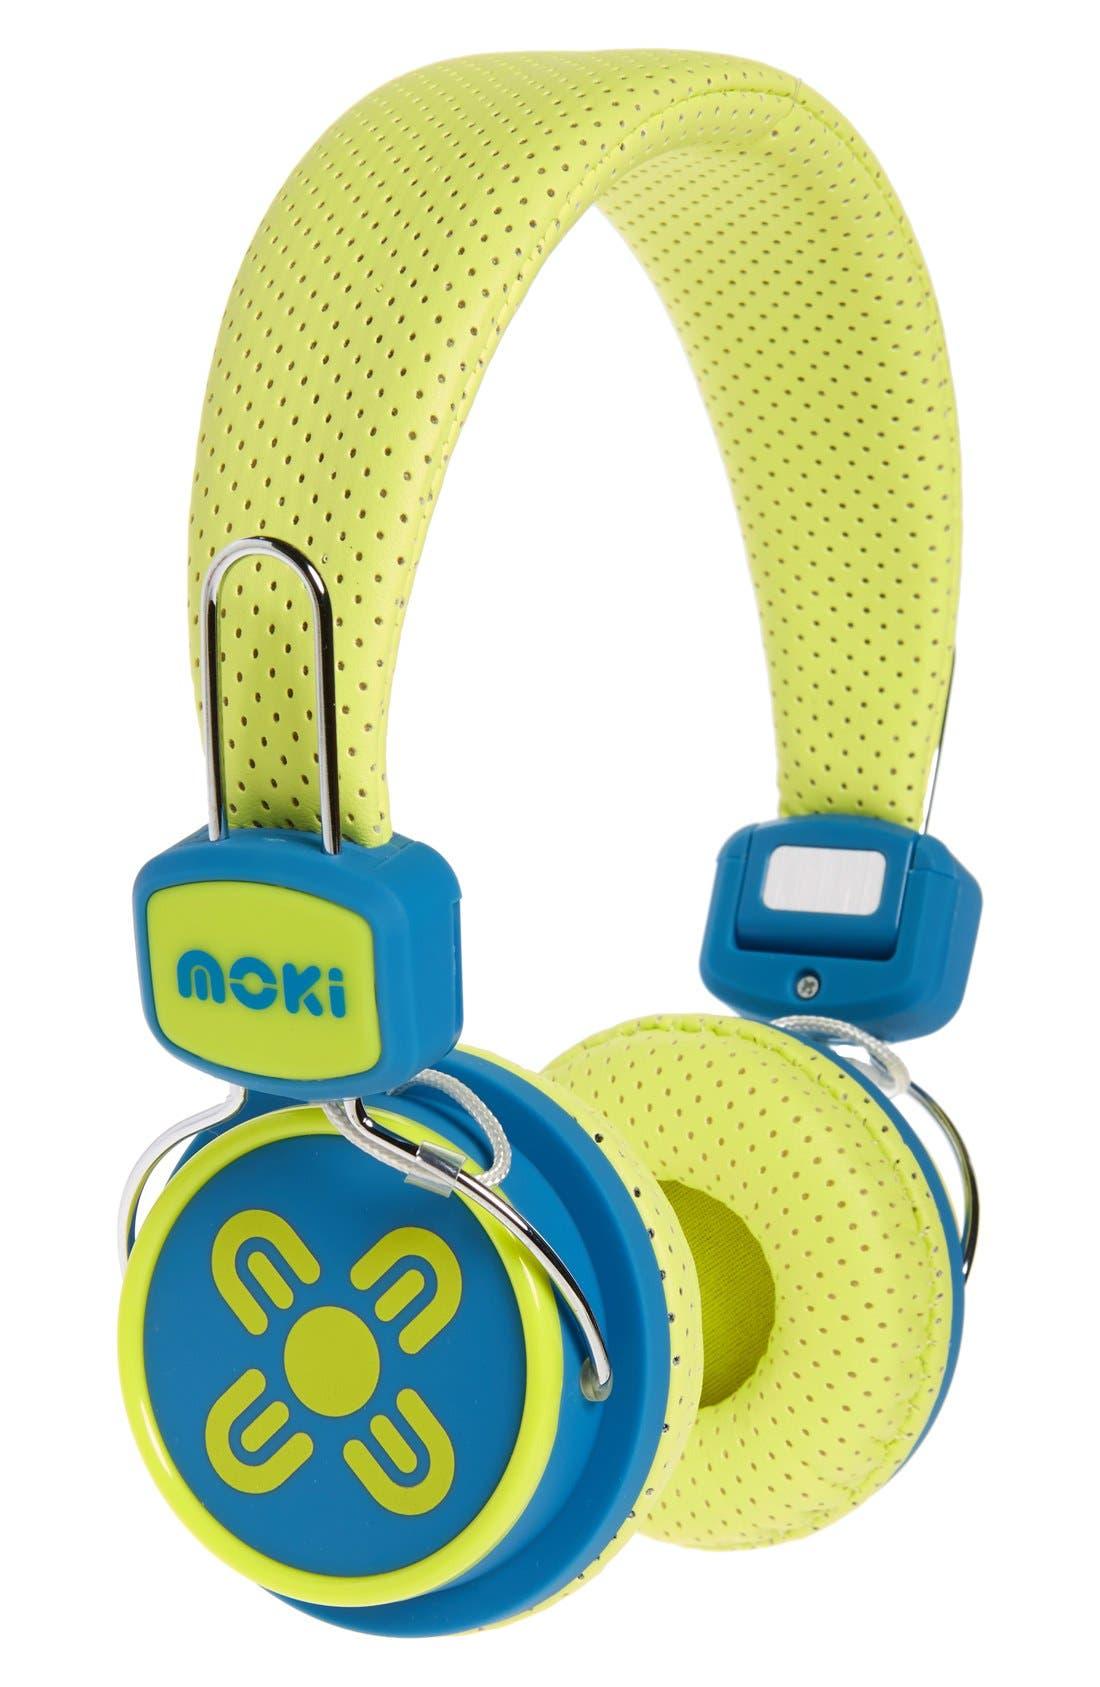 Main Image - Moki Volume Limited Headphones (Kids)